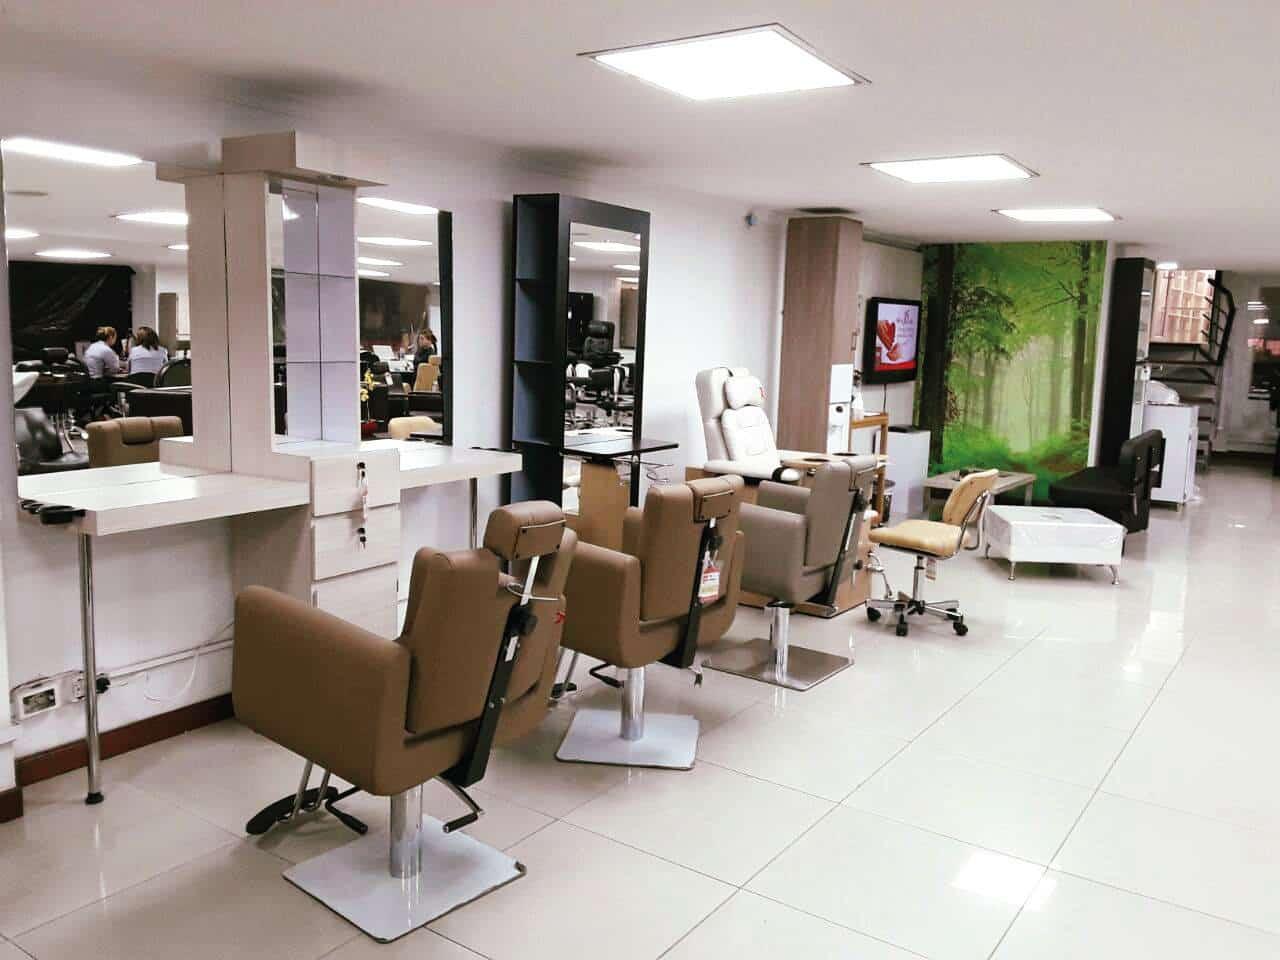 Dise o de interiores modernos seg n tus sillas de for Diseno de interiores modernos